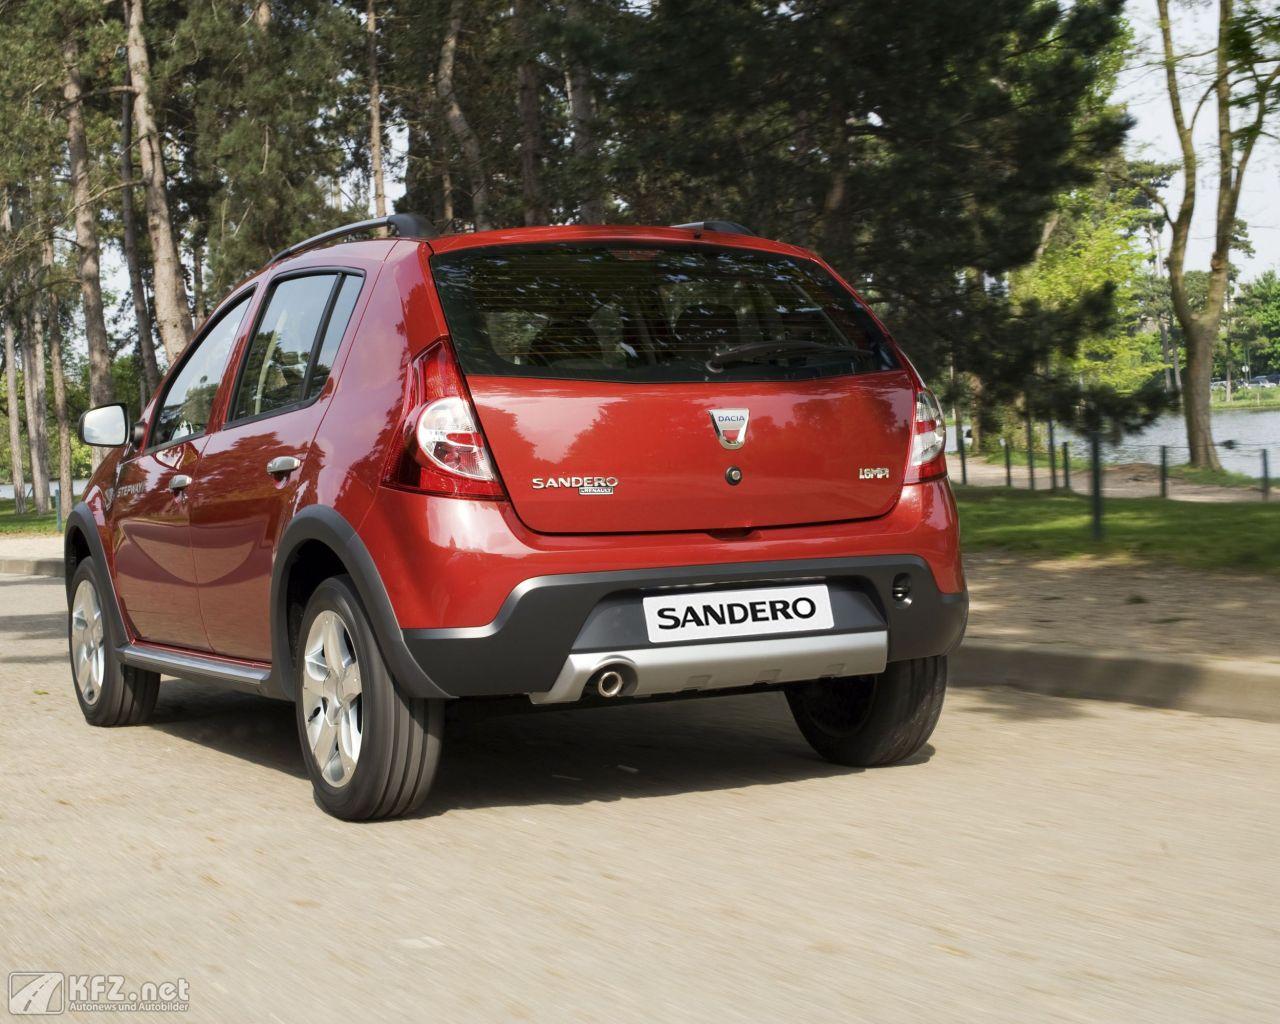 dacia-sandero-1280x1024-191